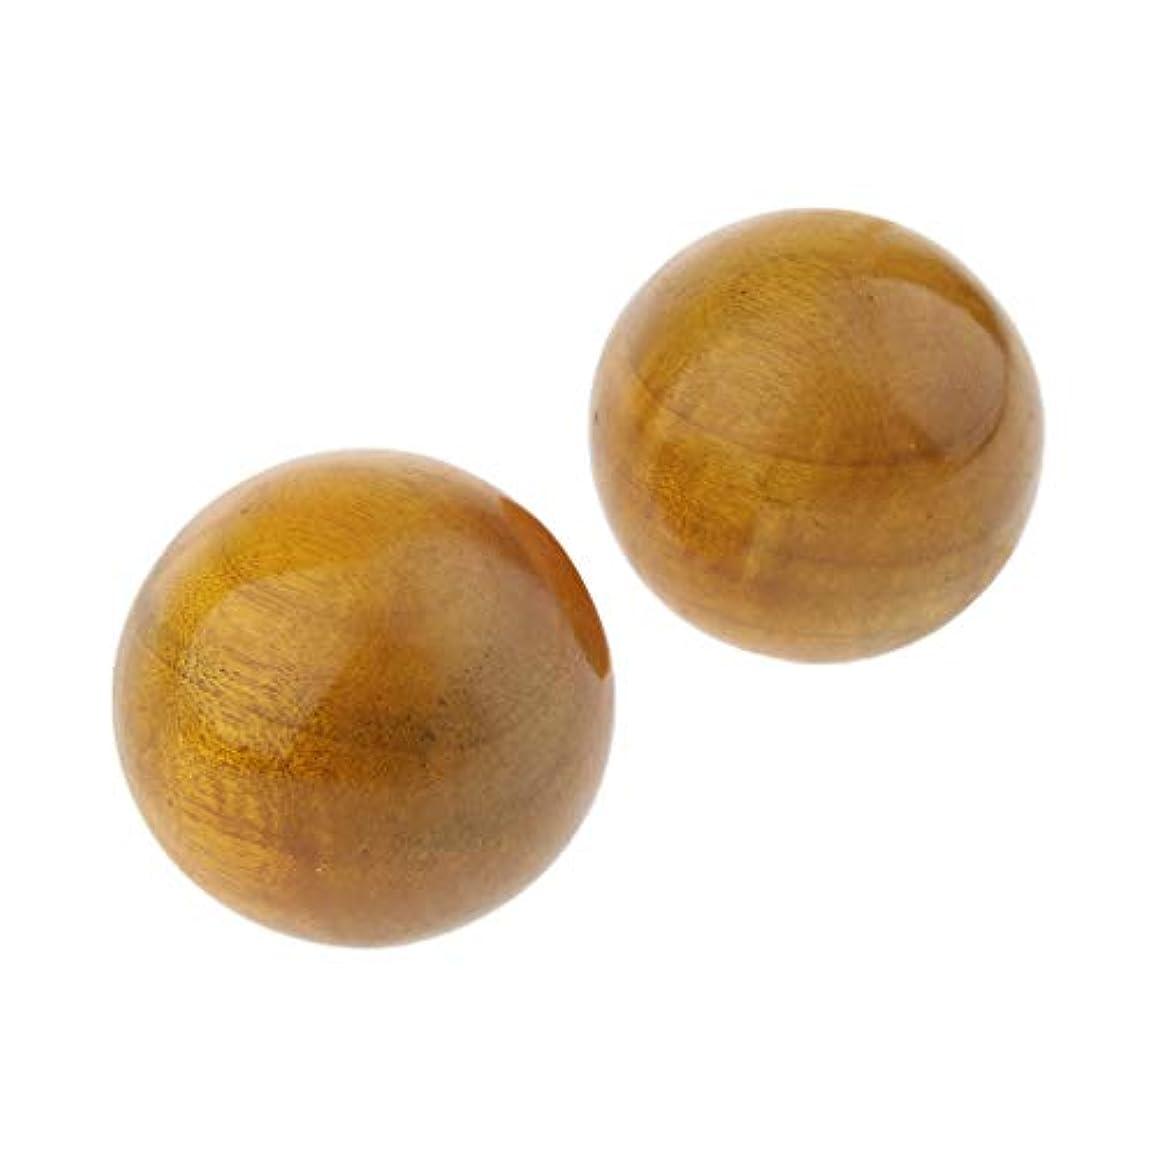 ケーブルカー瞑想する軍Perfeclan 2個 ハンドマッサージボール フィットネス 木製 手のひら 運動マッサージ 保定ボール